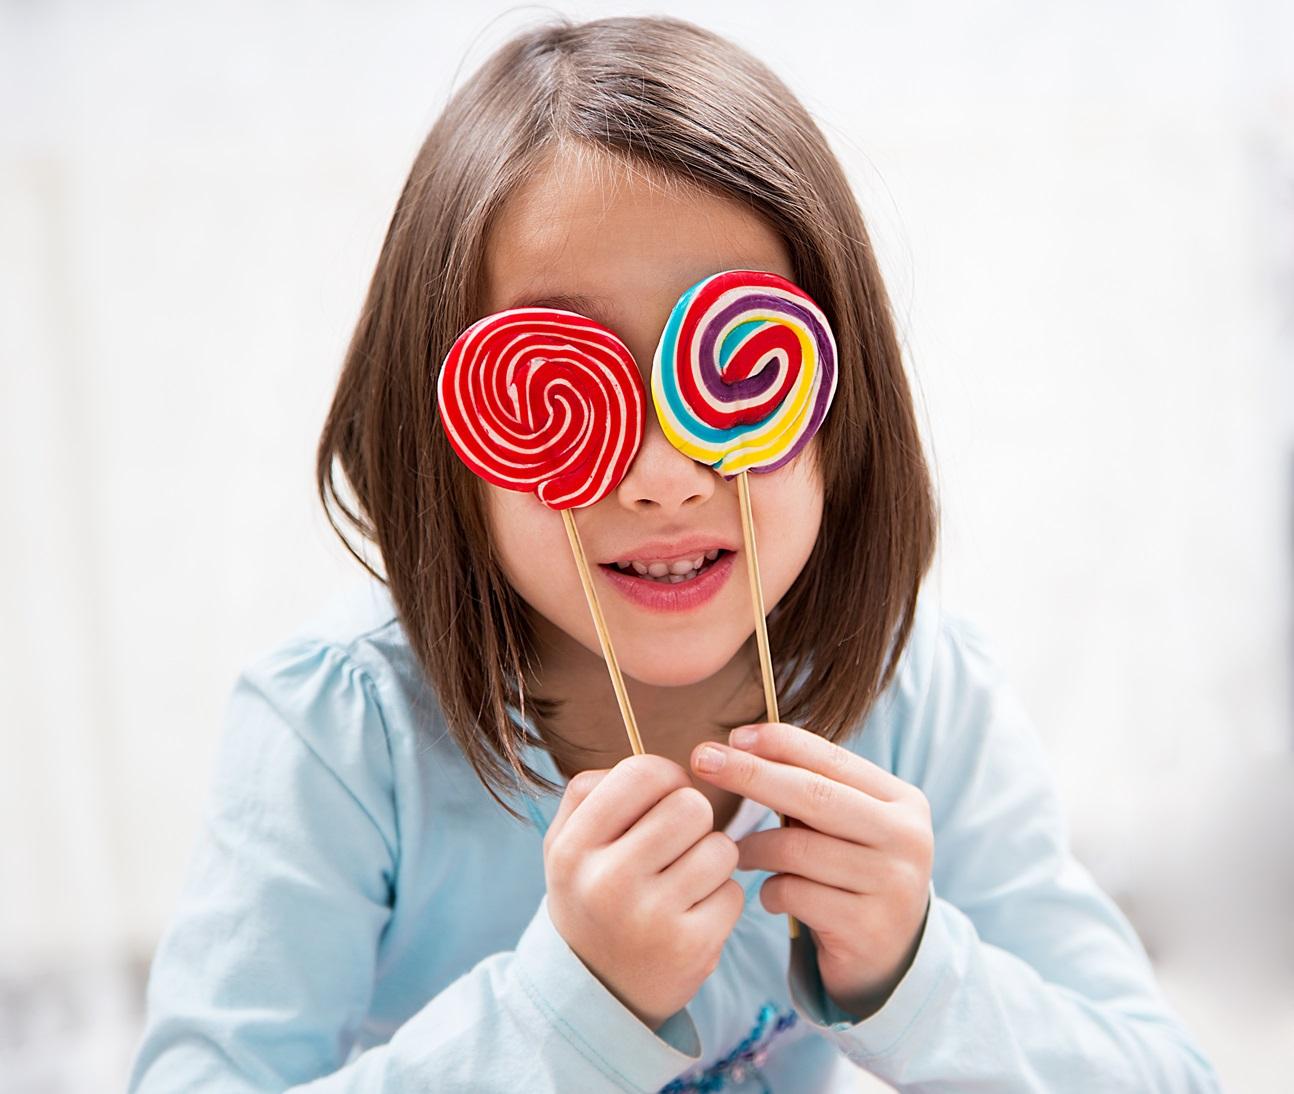 niedbór odporności u dziecka